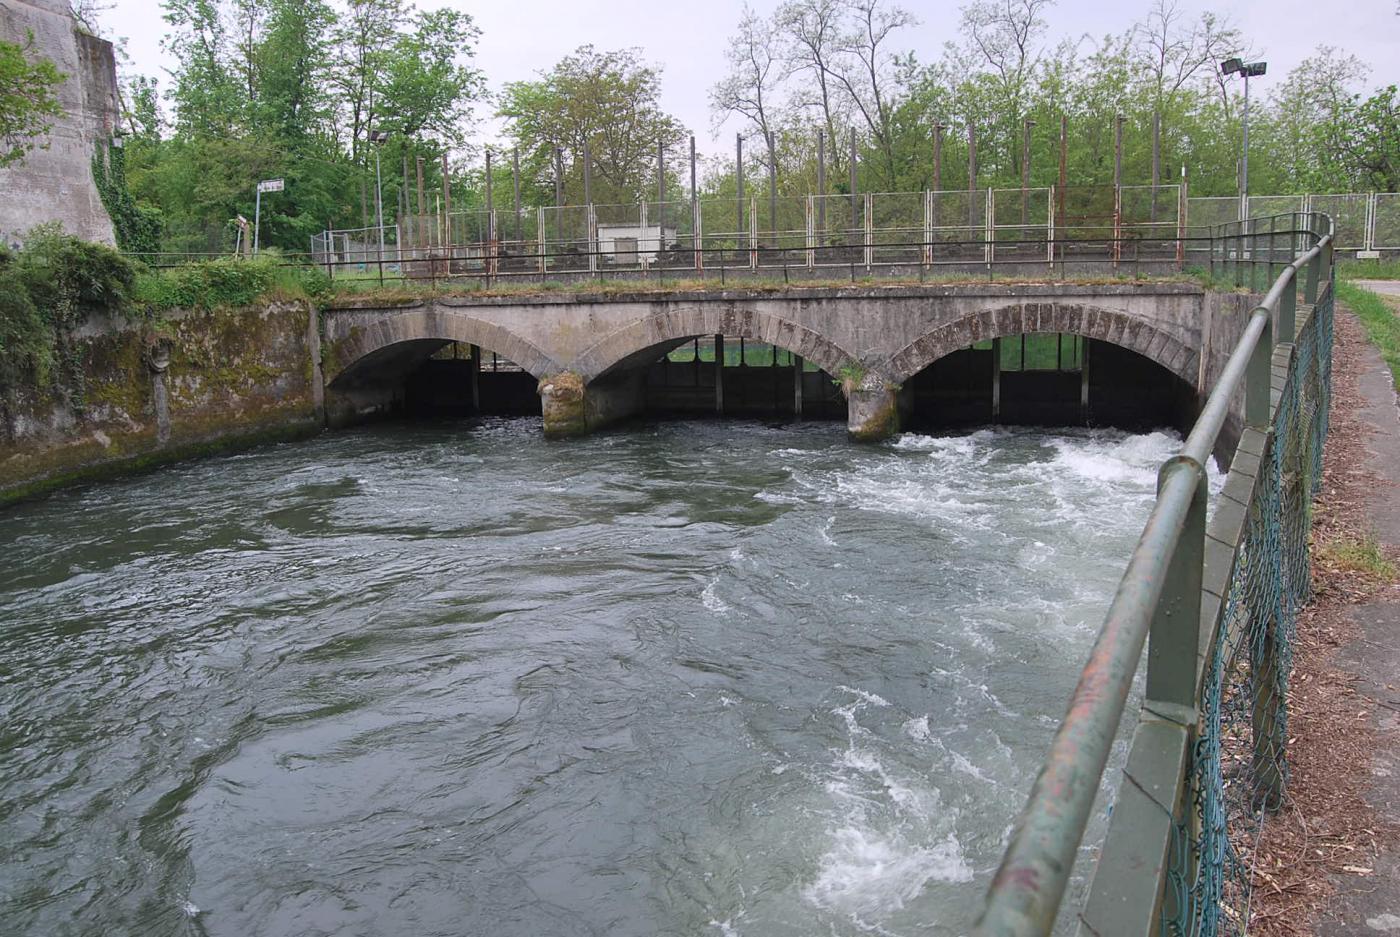 L'imbocco del canale Conti che alimenta la centrale Enel di Vigevano, 2 km più a valle